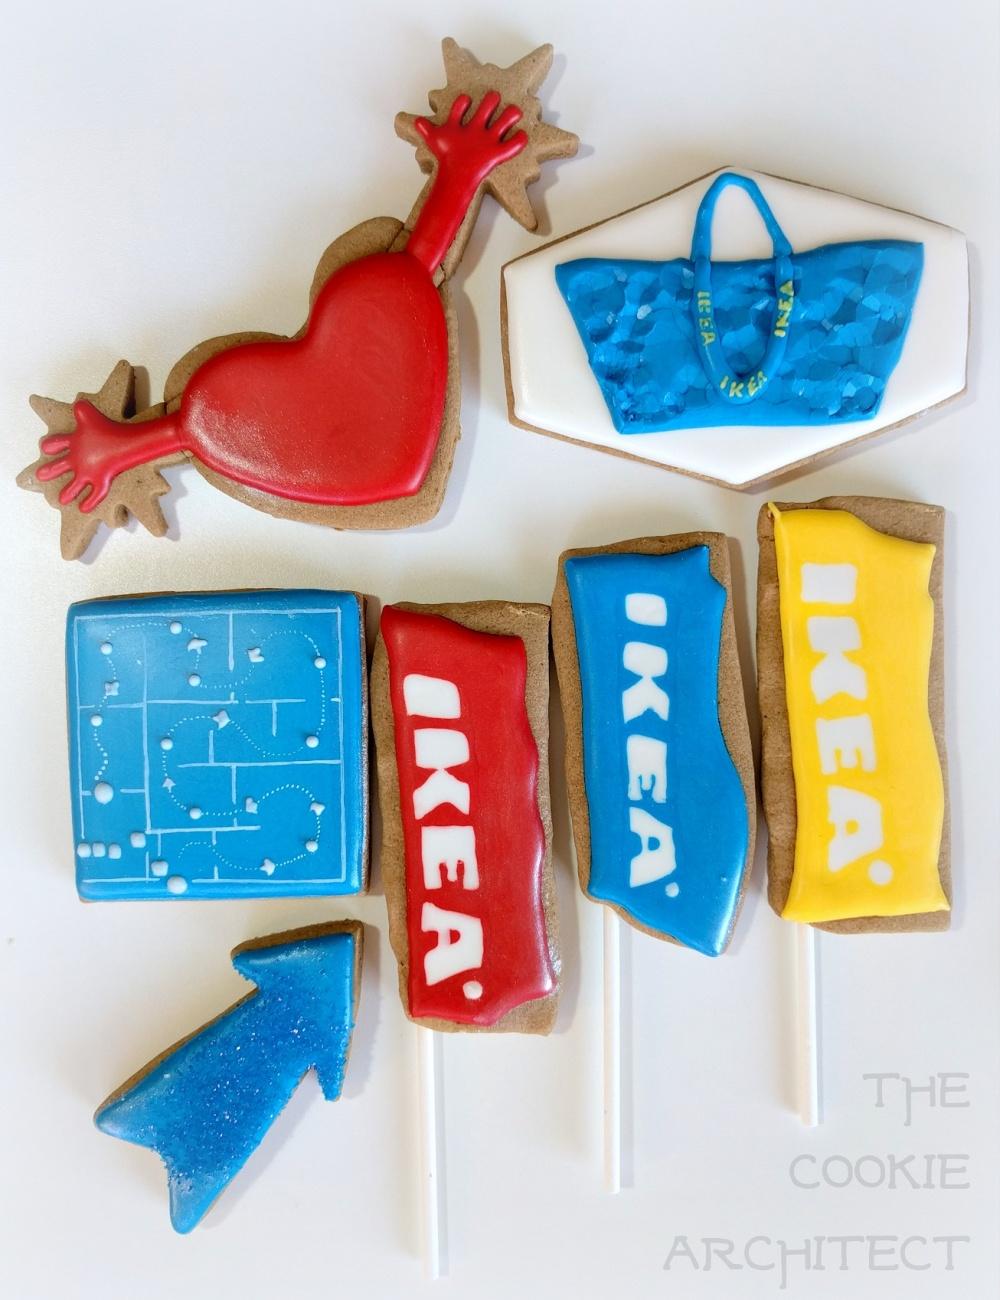 Ikea Cookies